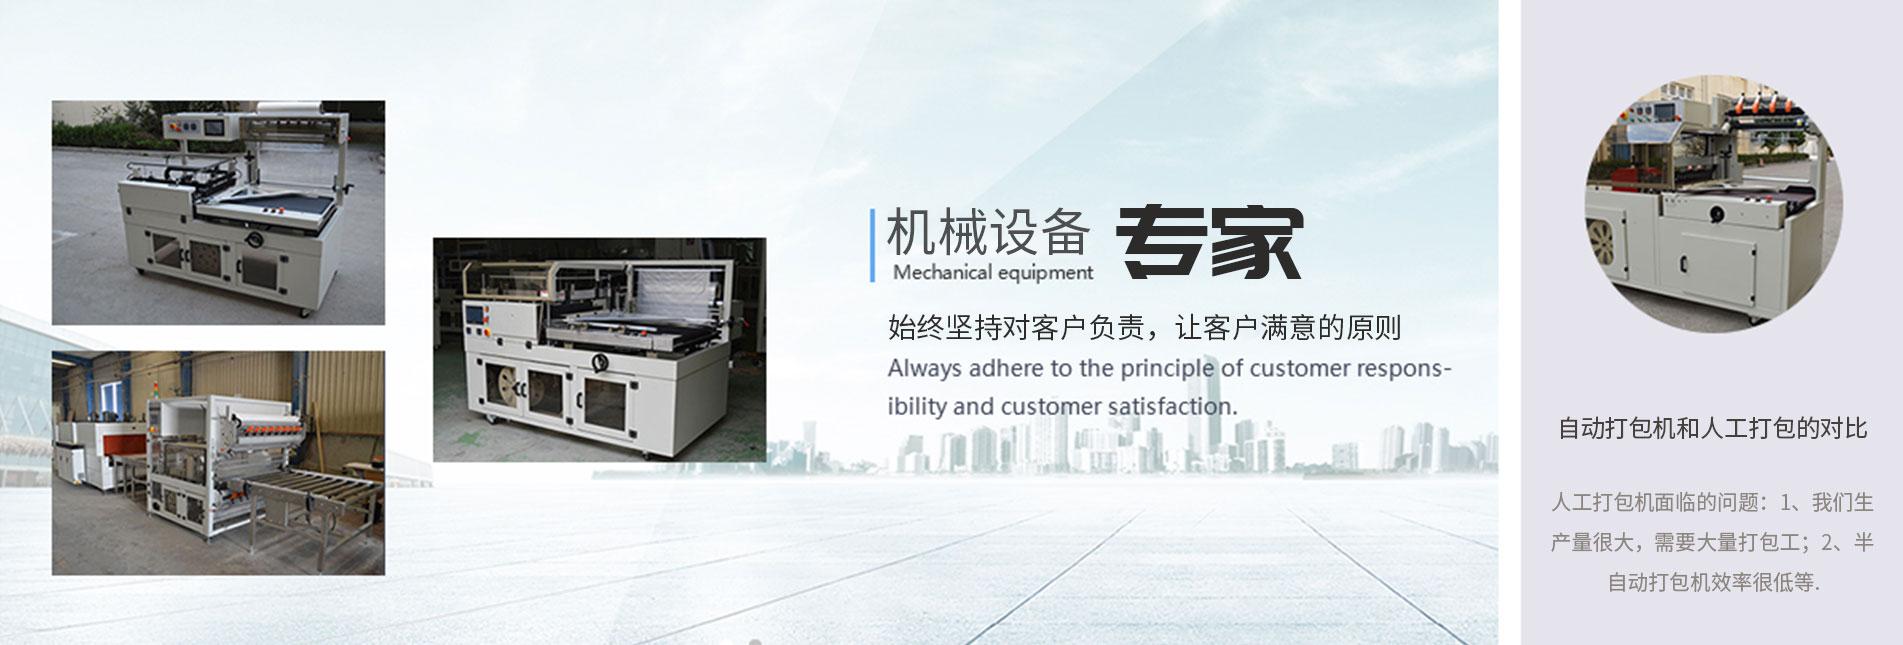 歆川智能设备(上海)有限公司